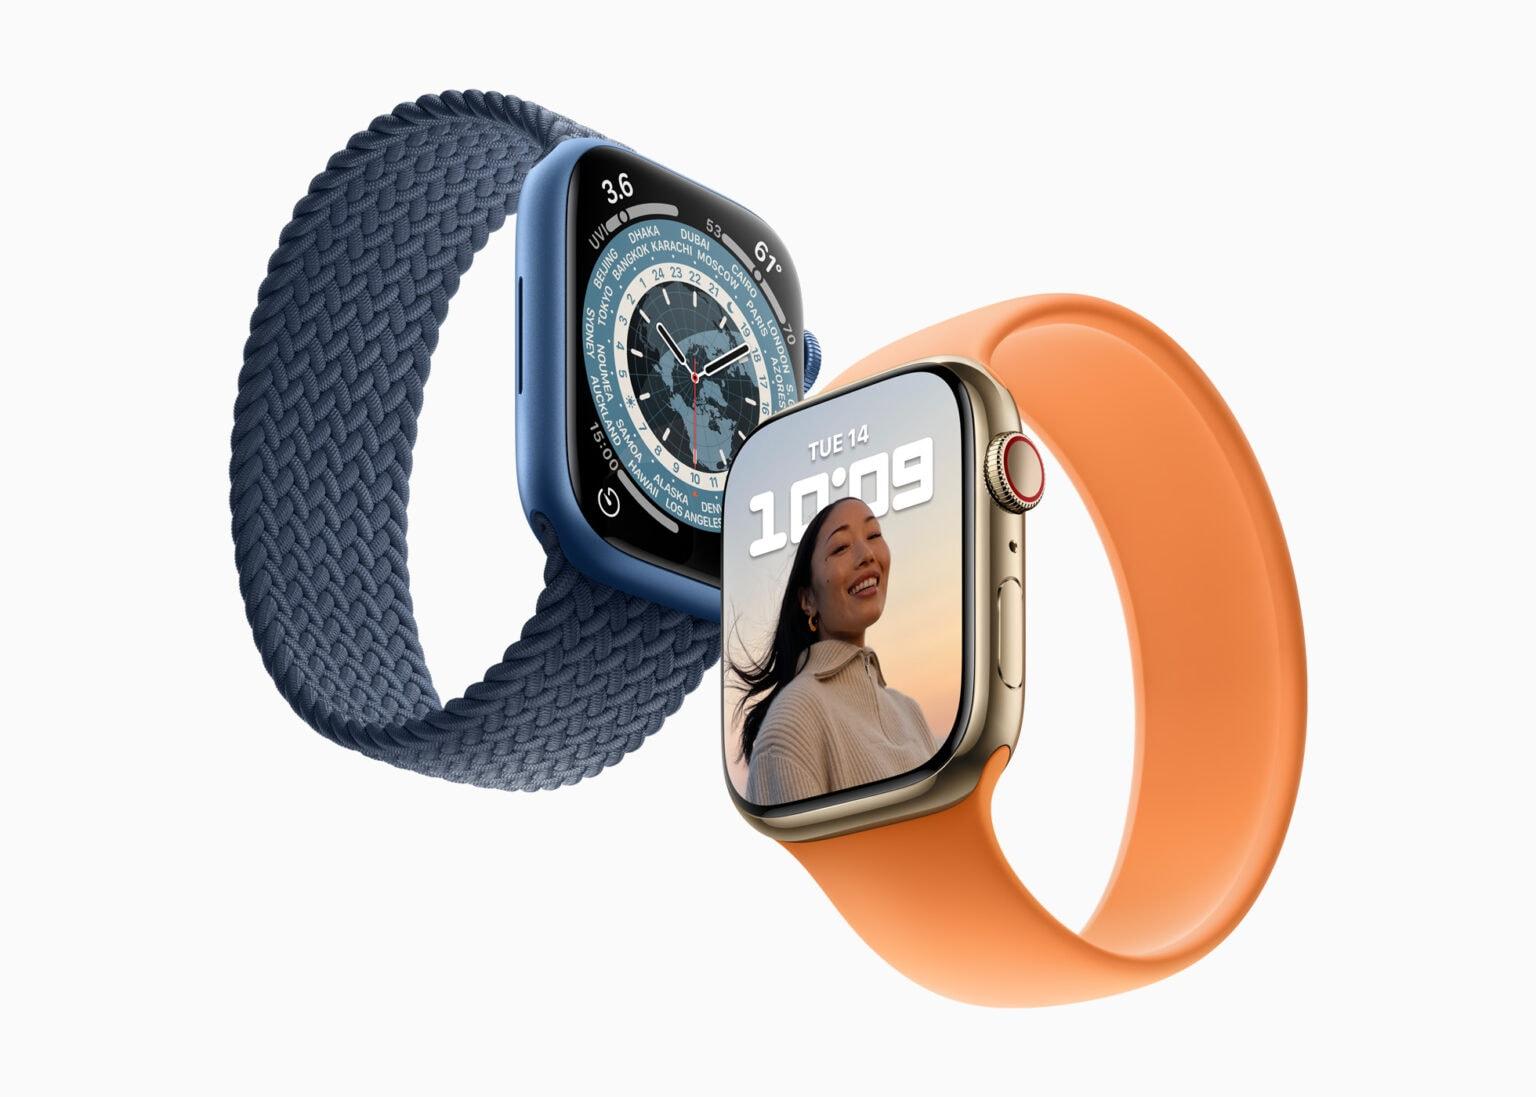 Apple Watch 7 preorders start October 8